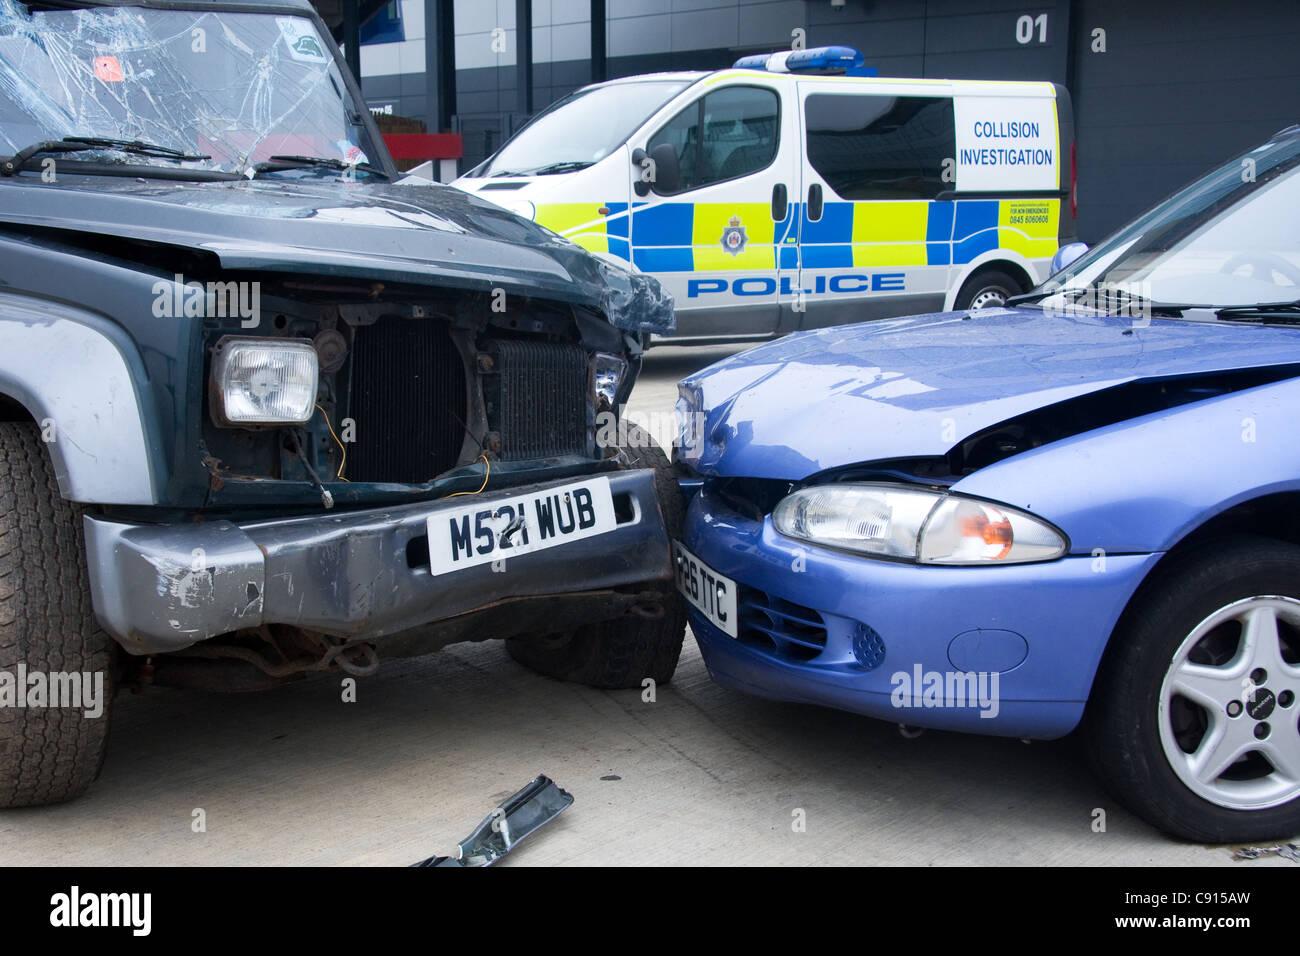 Collision Investigation scene - Stock Image